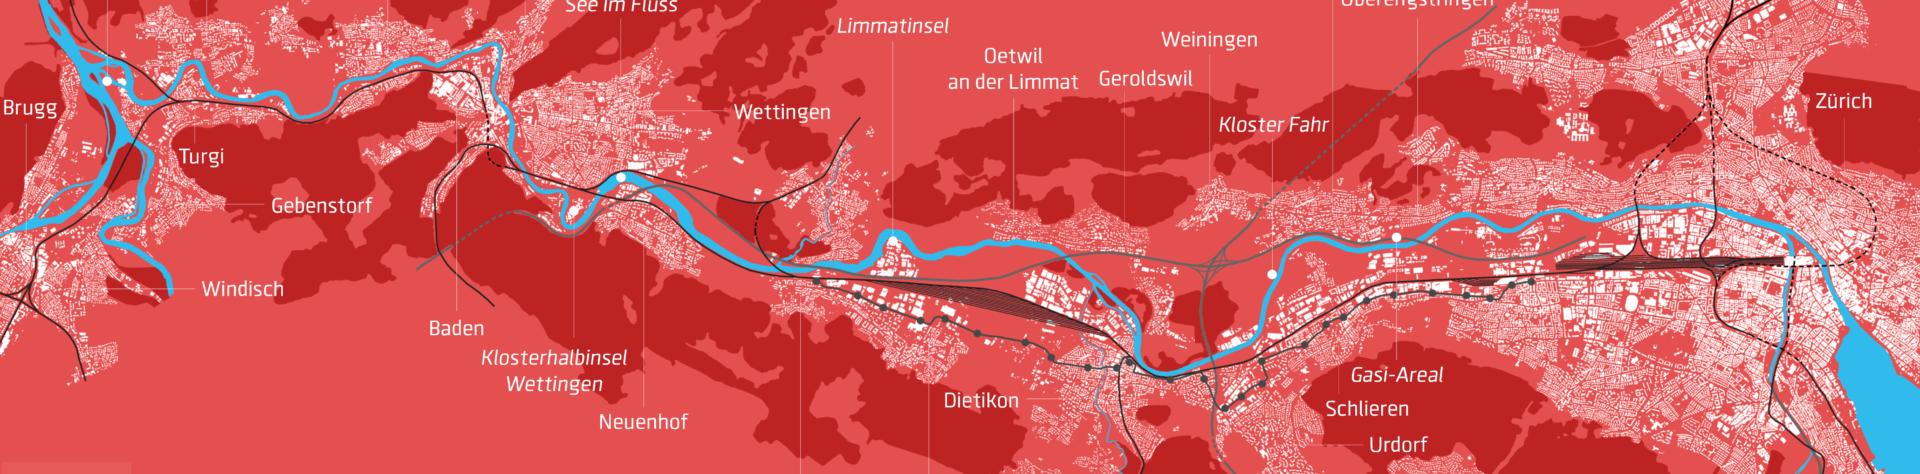 Digitales-3D-Limmatstadtmodell